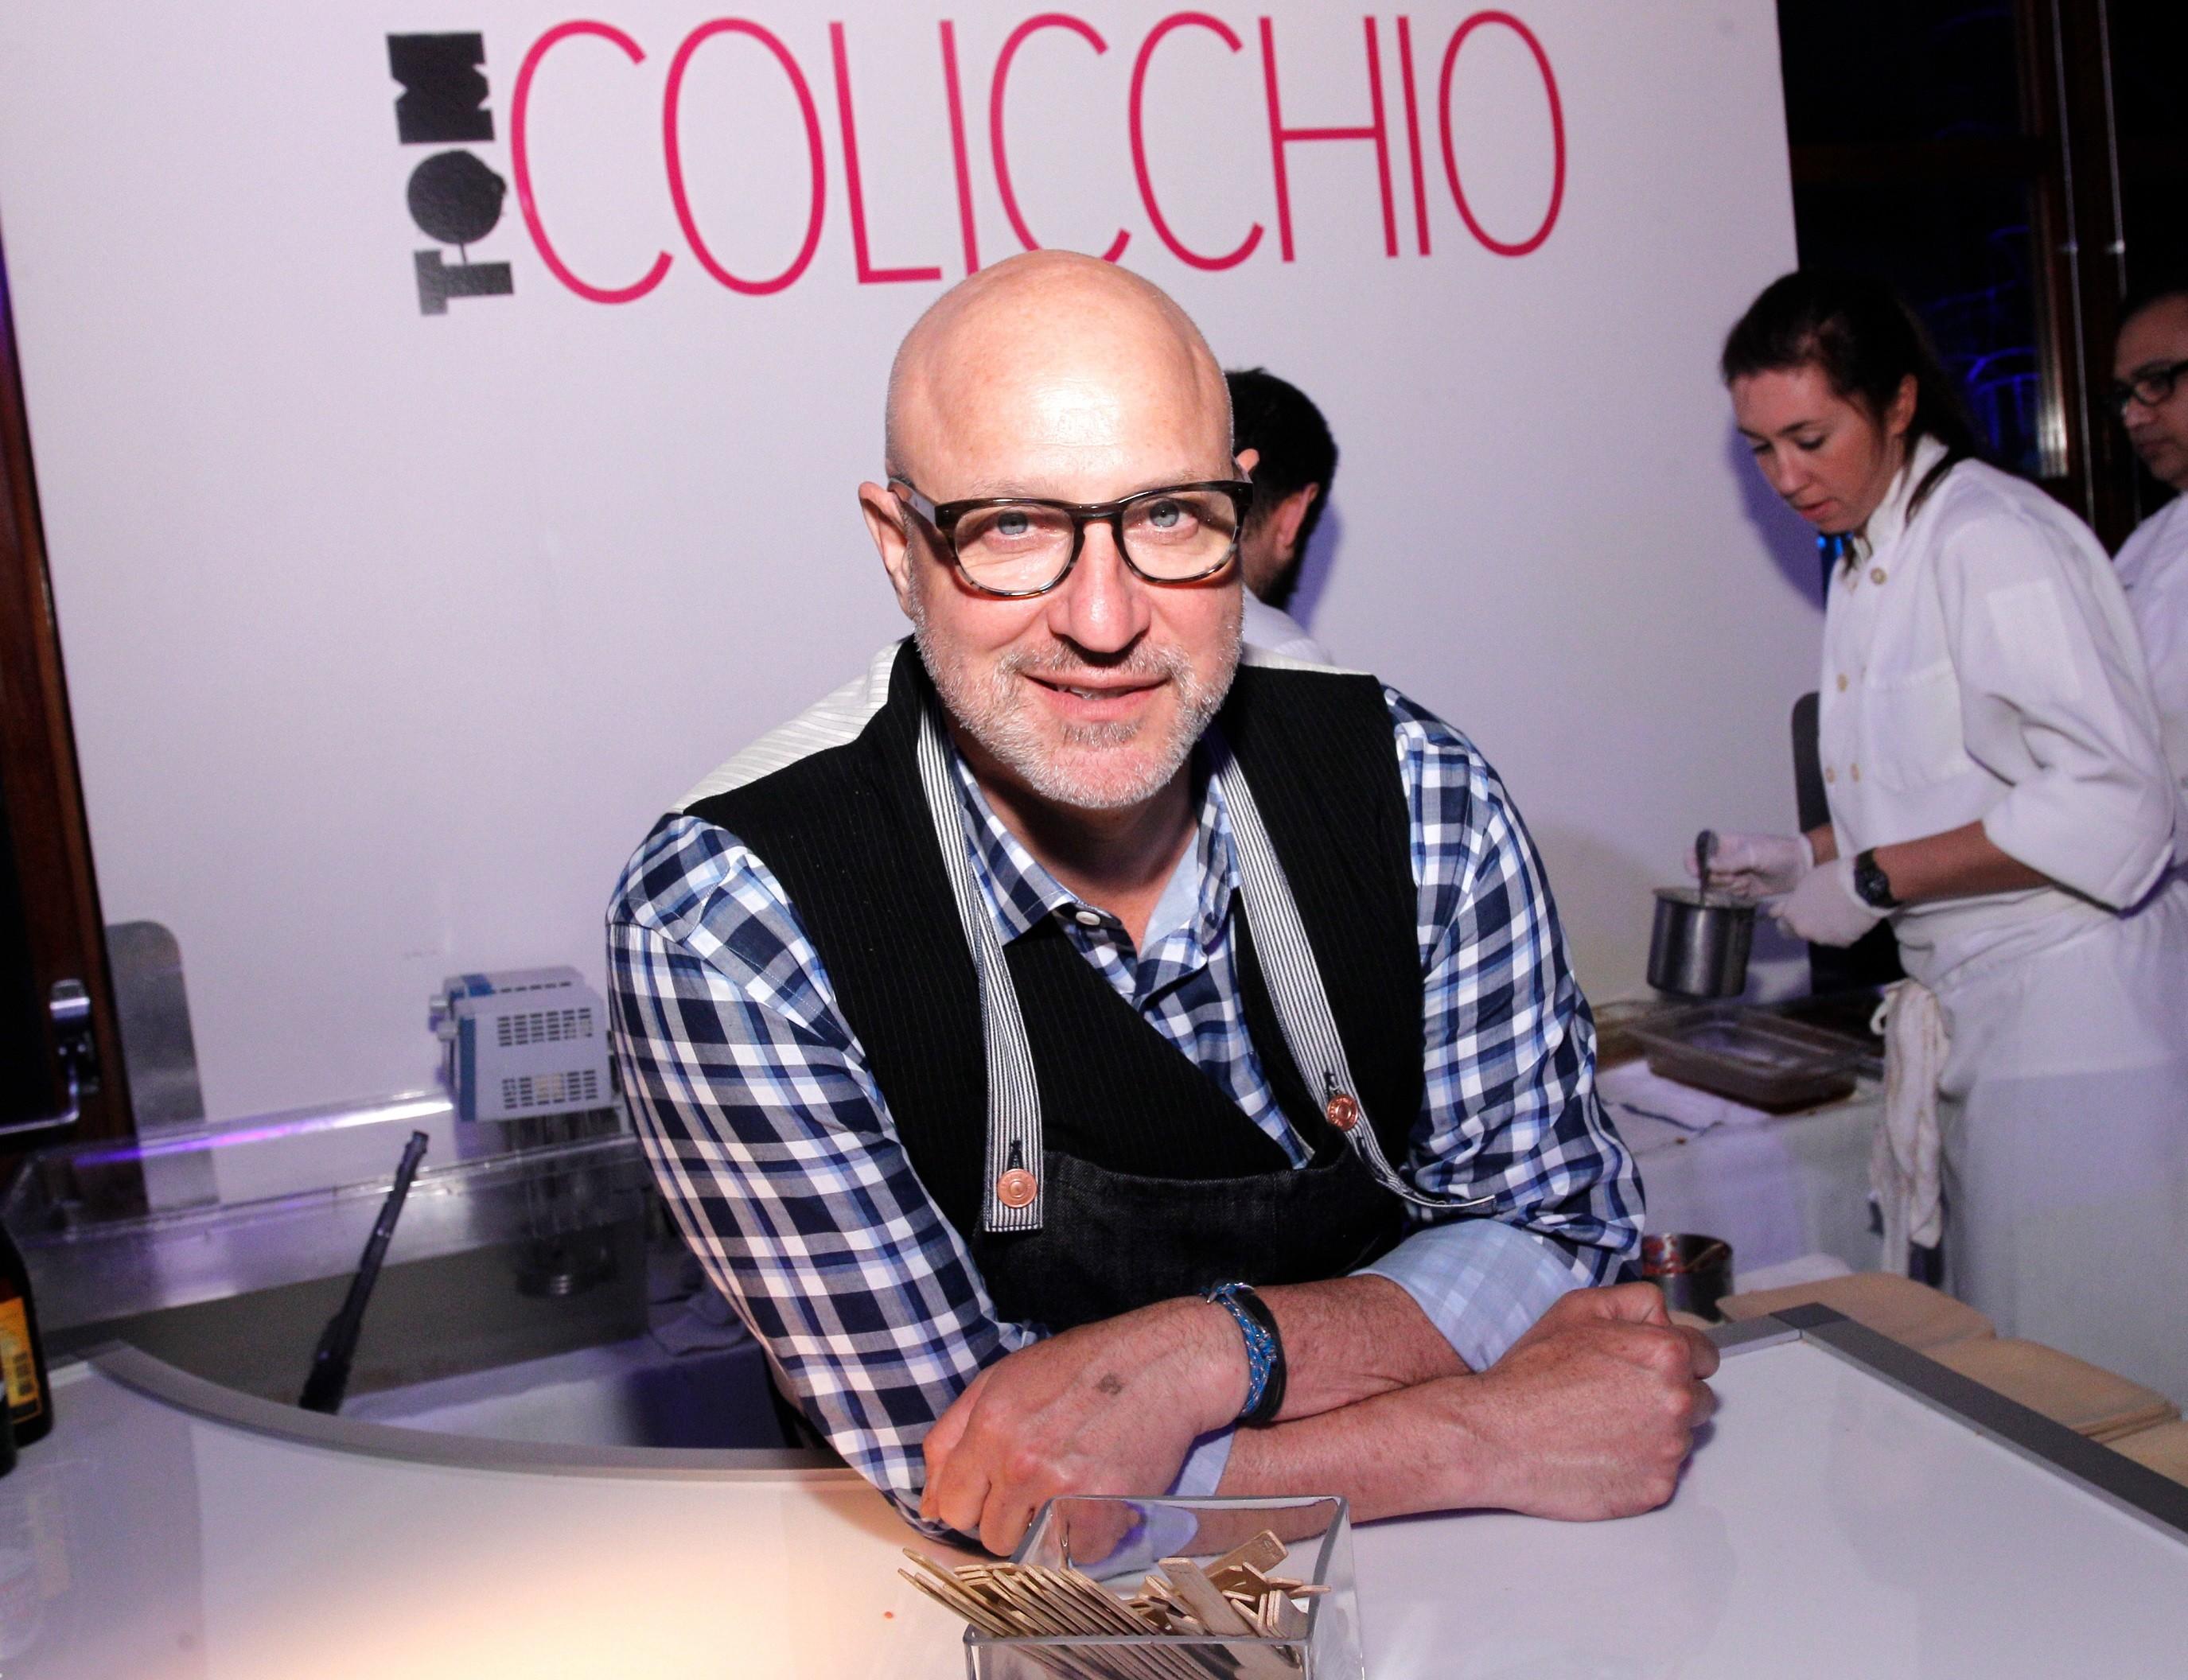 Tom Colicchio